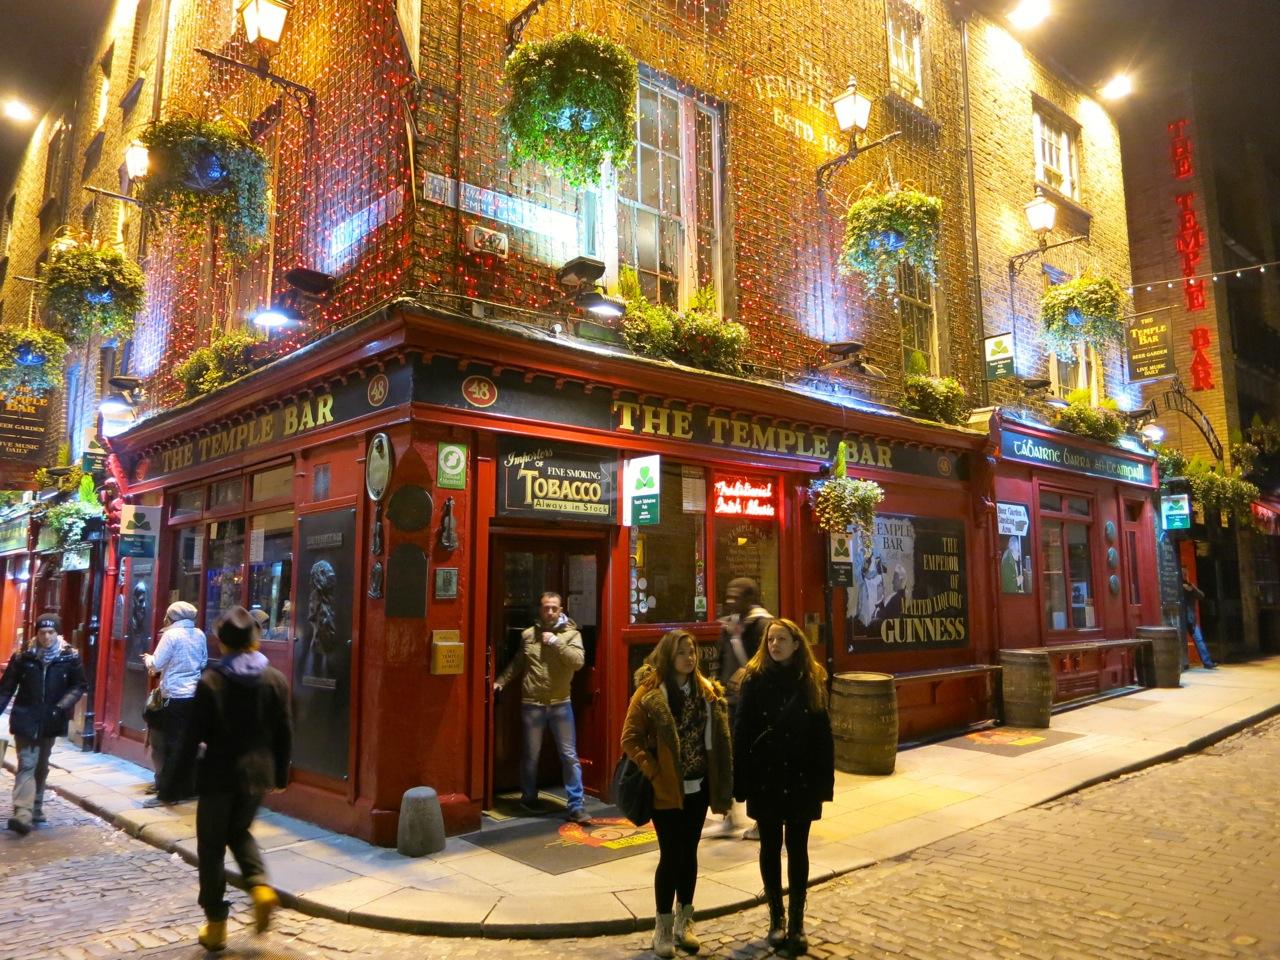 Dublin 2-13